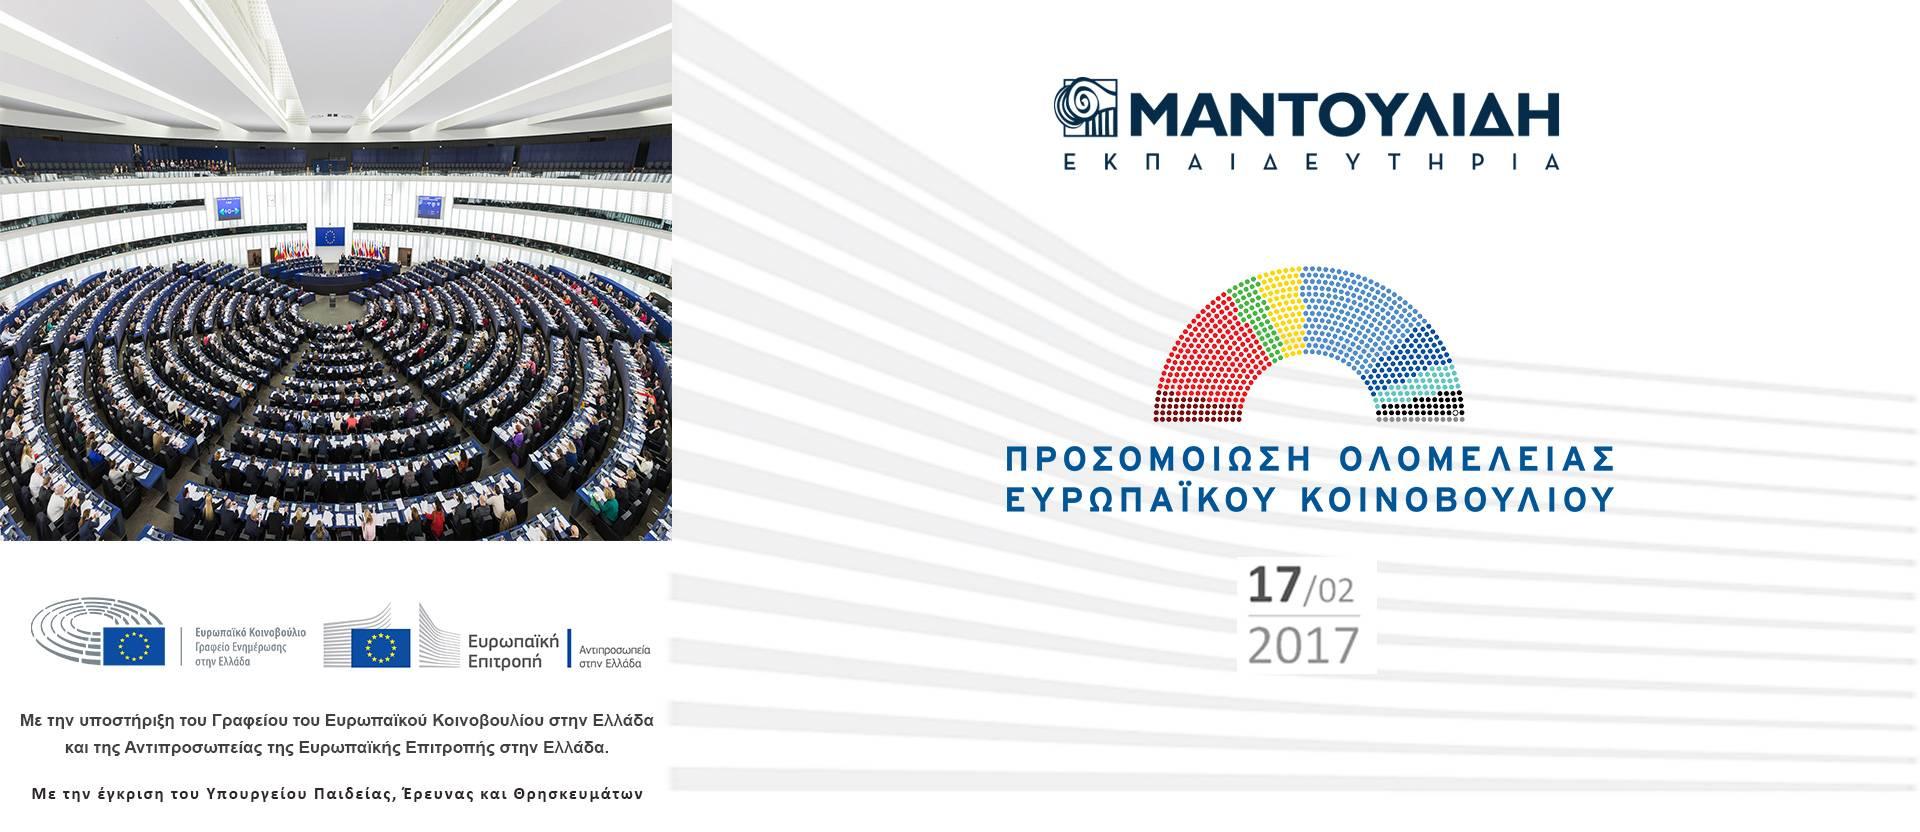 Prosomoiosi_2017_Banner_v1.0.2